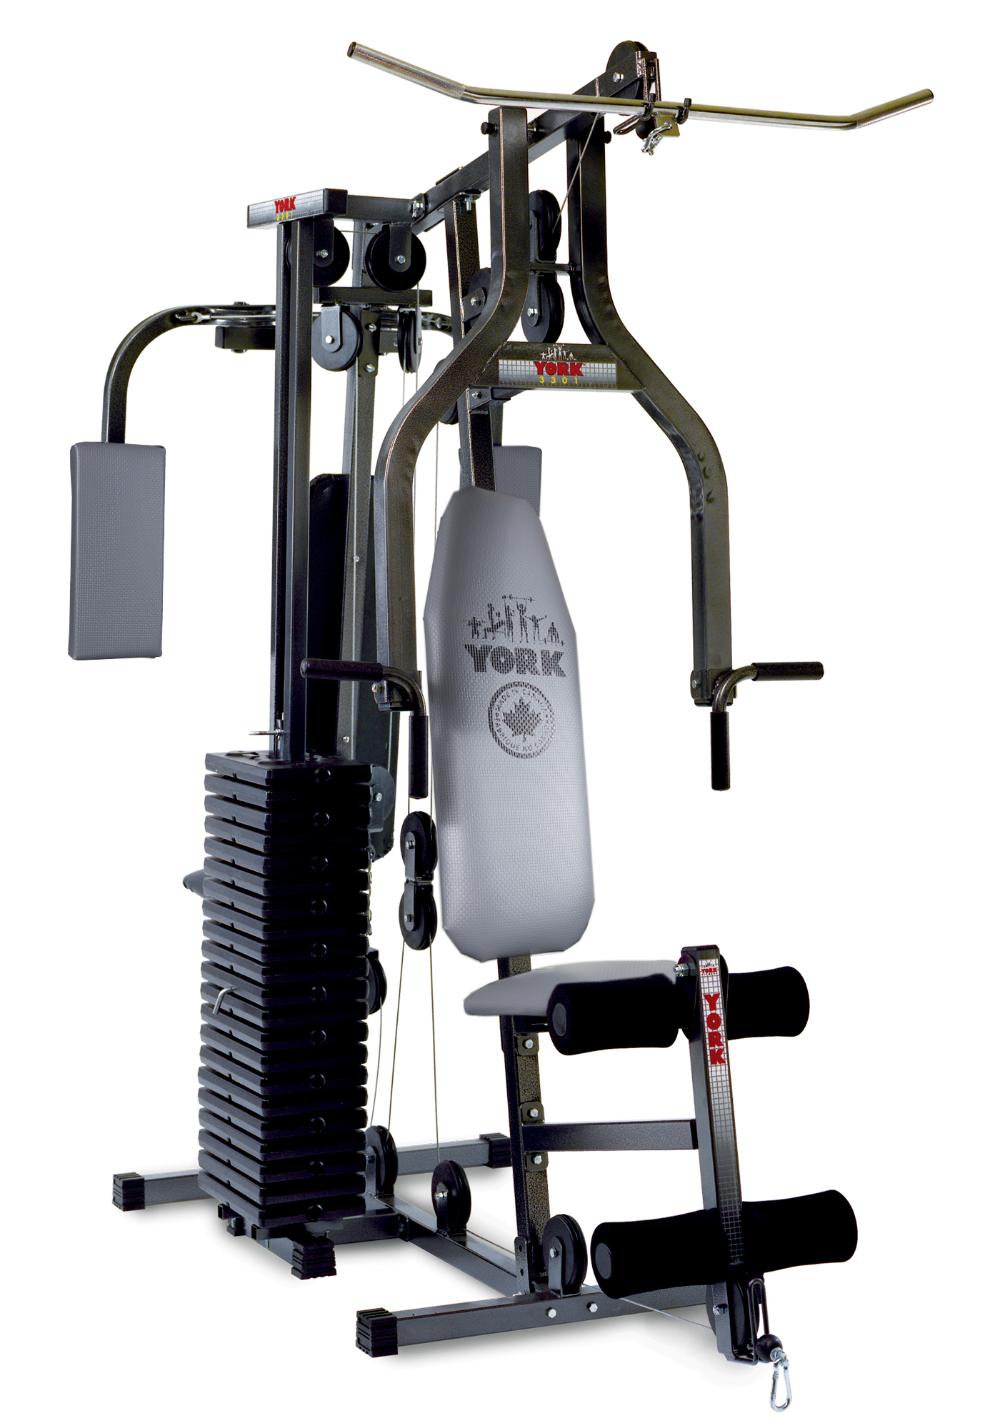 3301 Power Max Home Gym Home Gym Equipment York Barbell In 2020 Home Multi Gym Home Gym Equipment Multi Gym